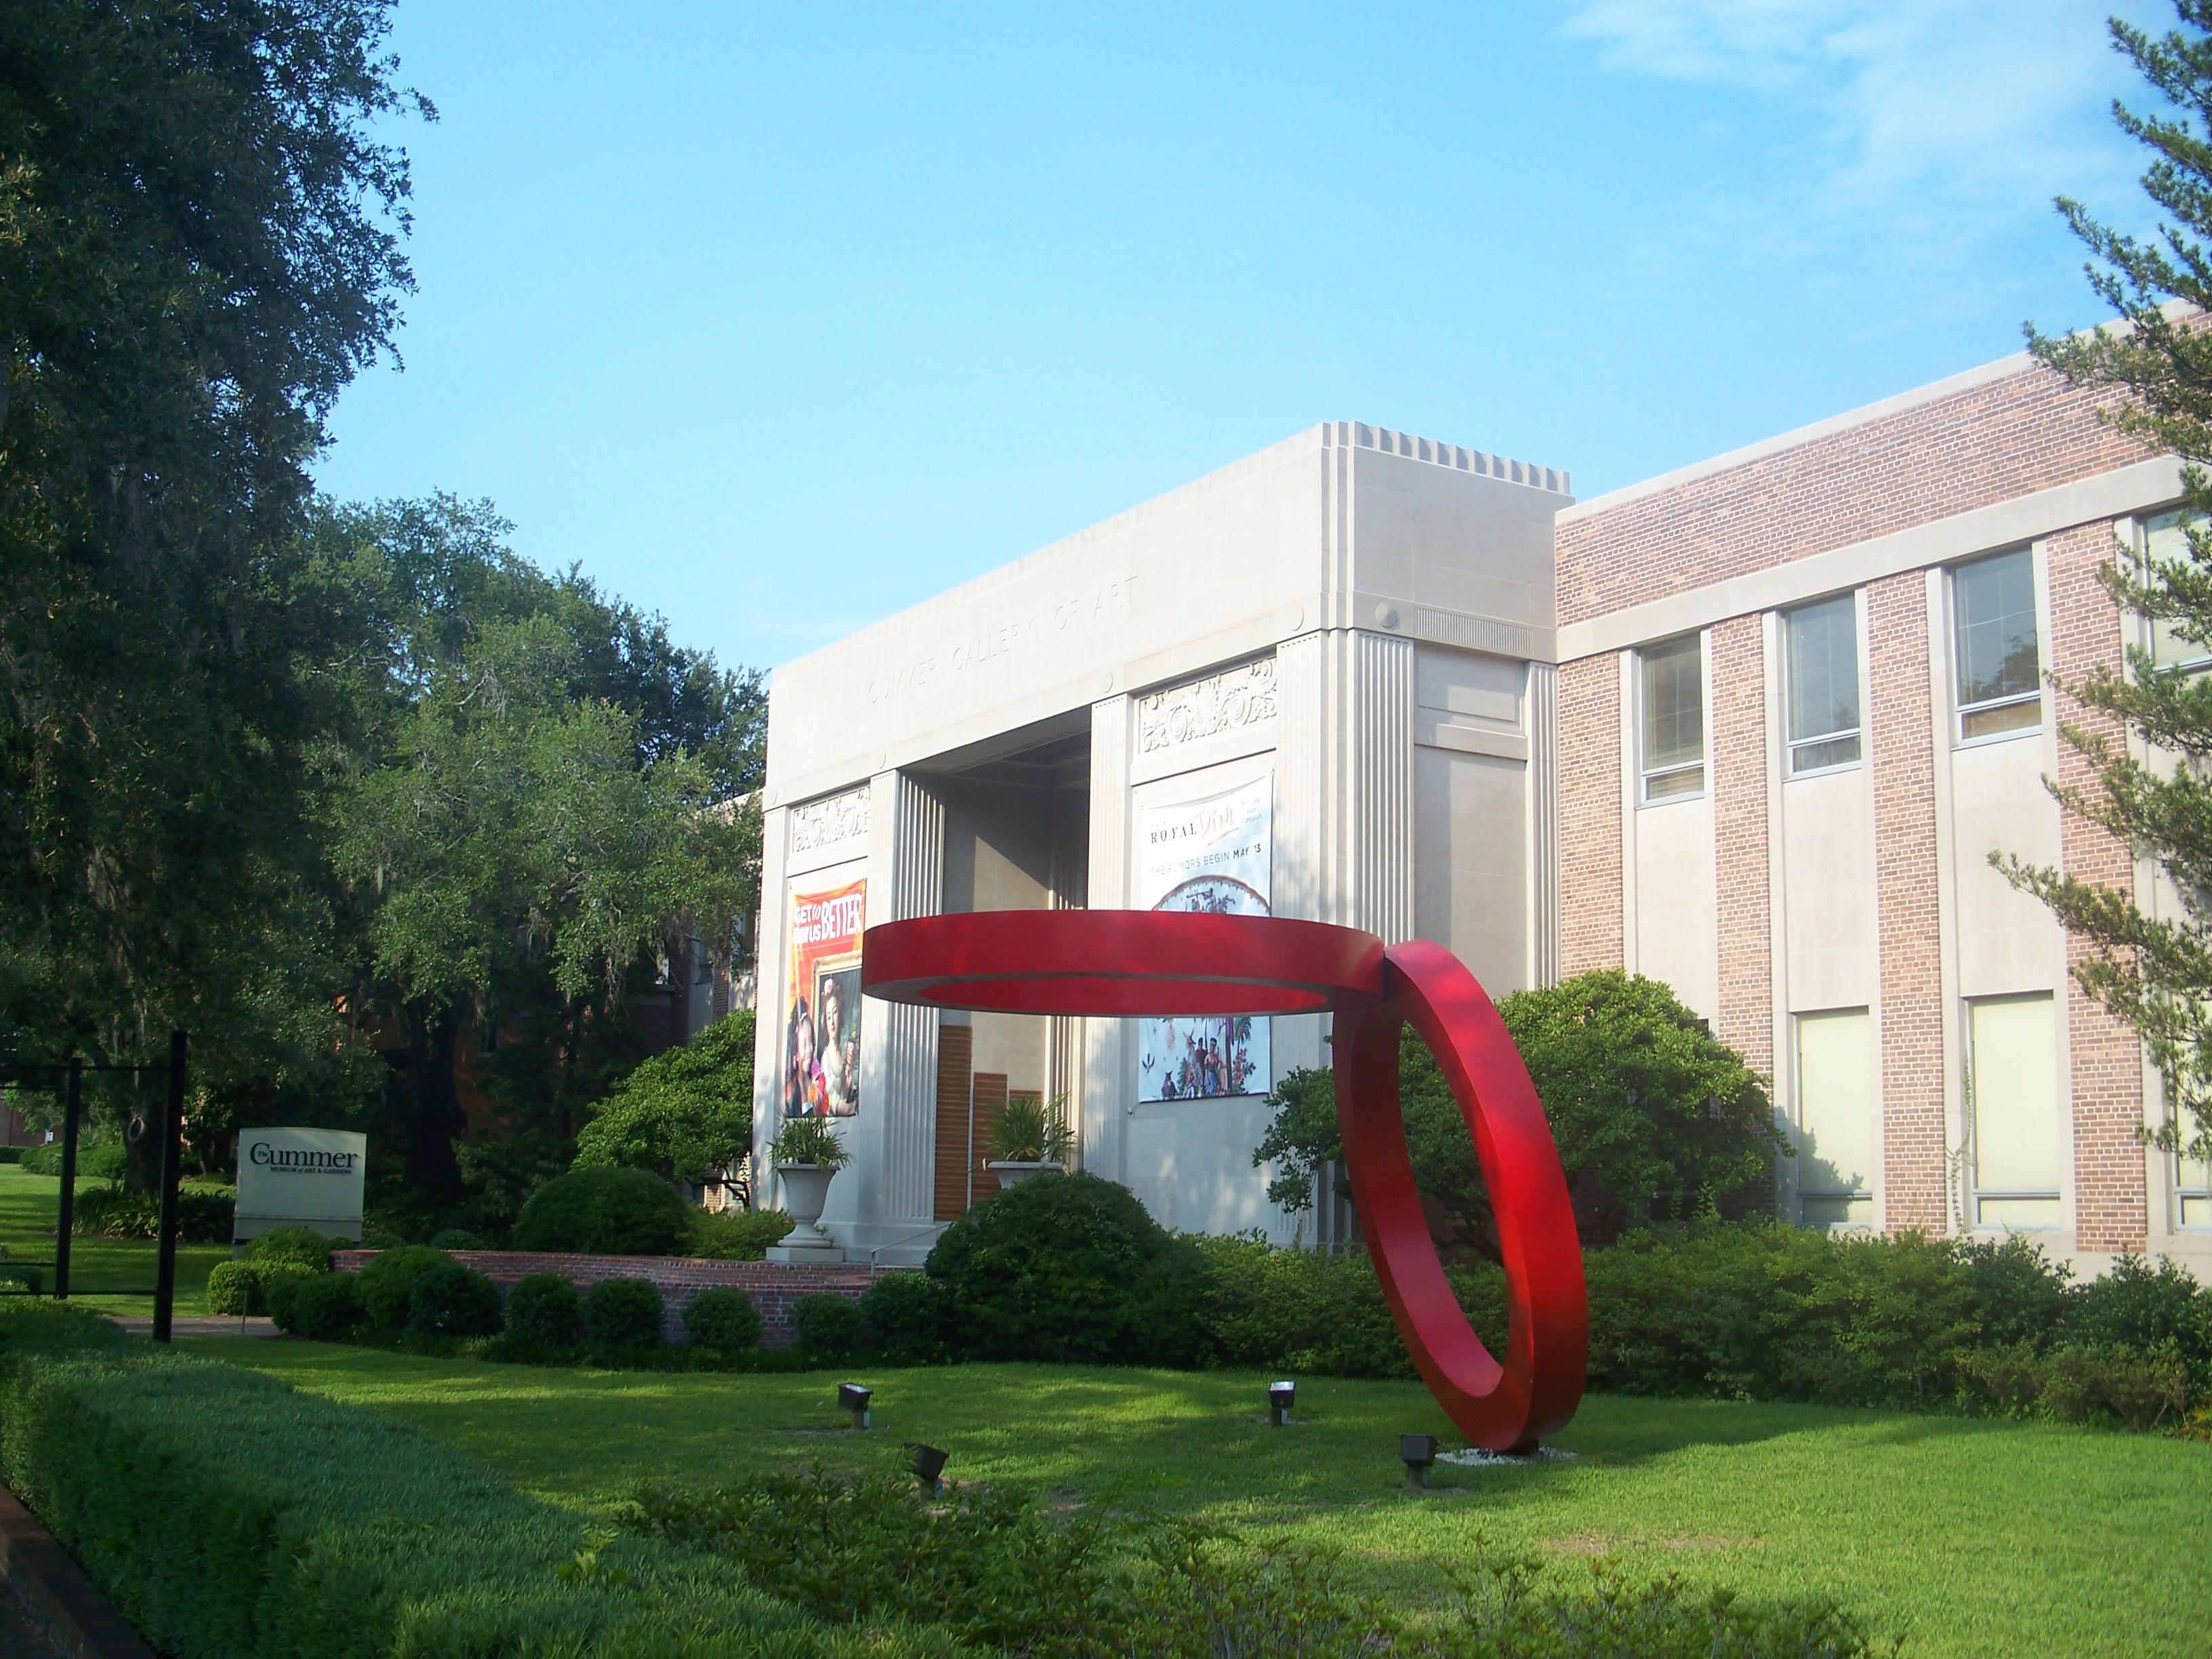 Cummer Museum Of Art And Gardens Codart